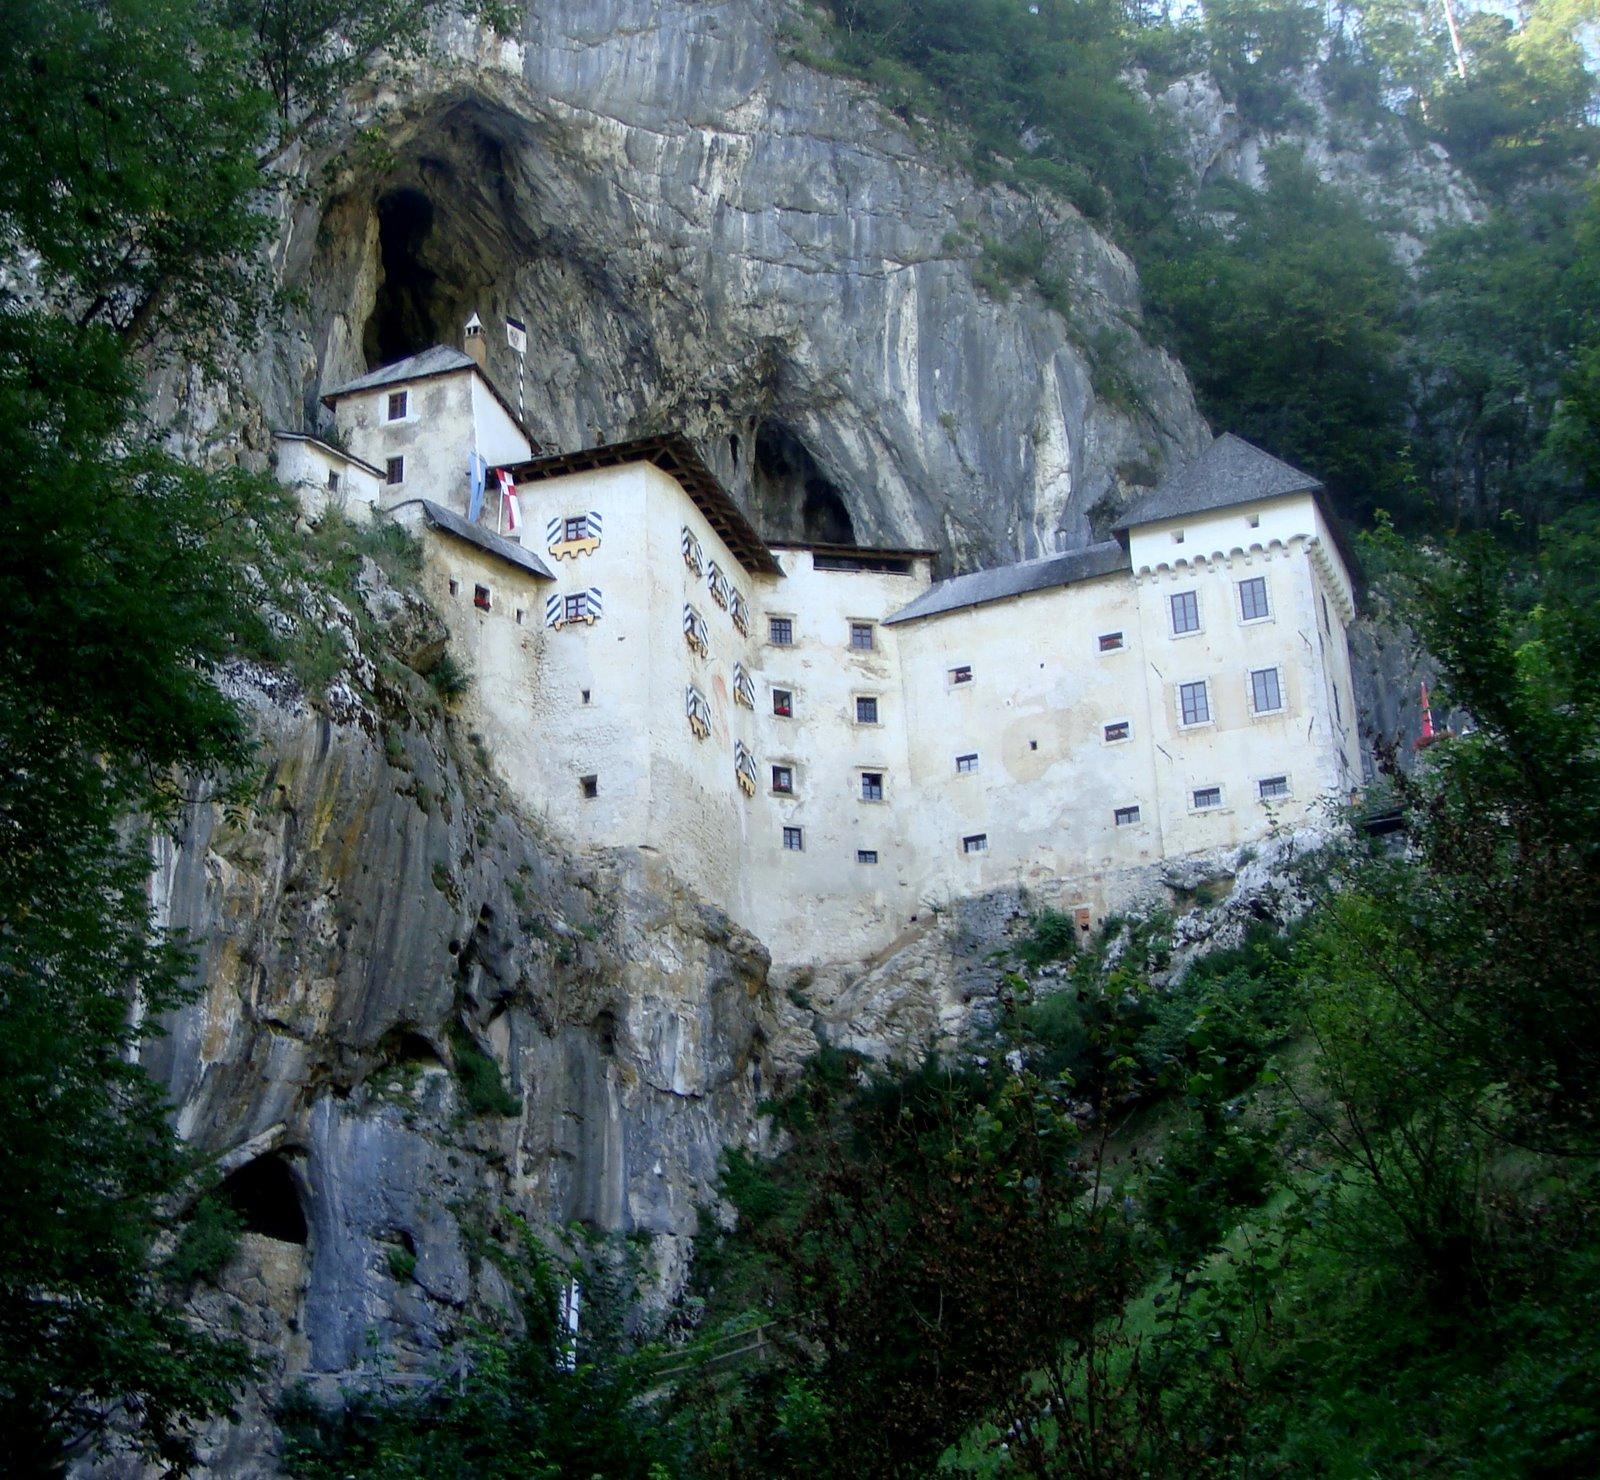 Incríveis construções em rochas